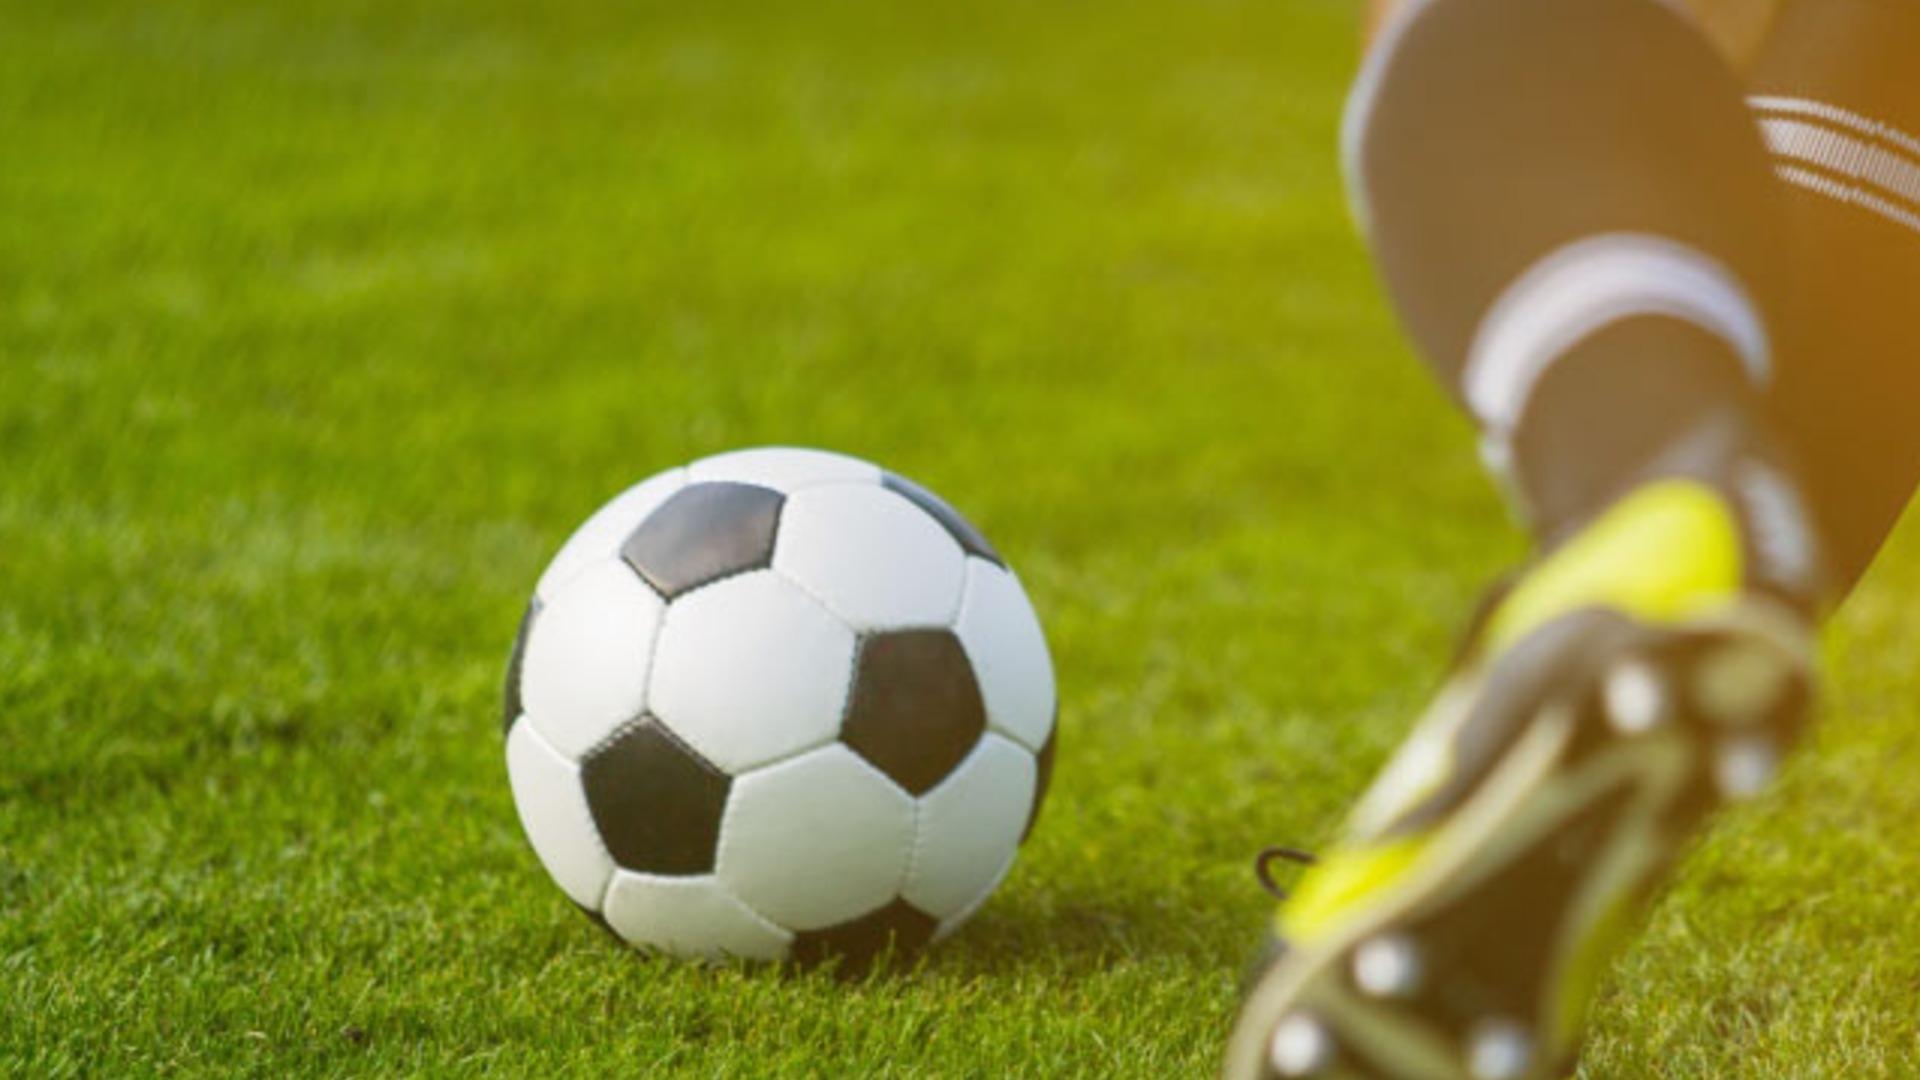 tangerang-soccer-league-f3w59l